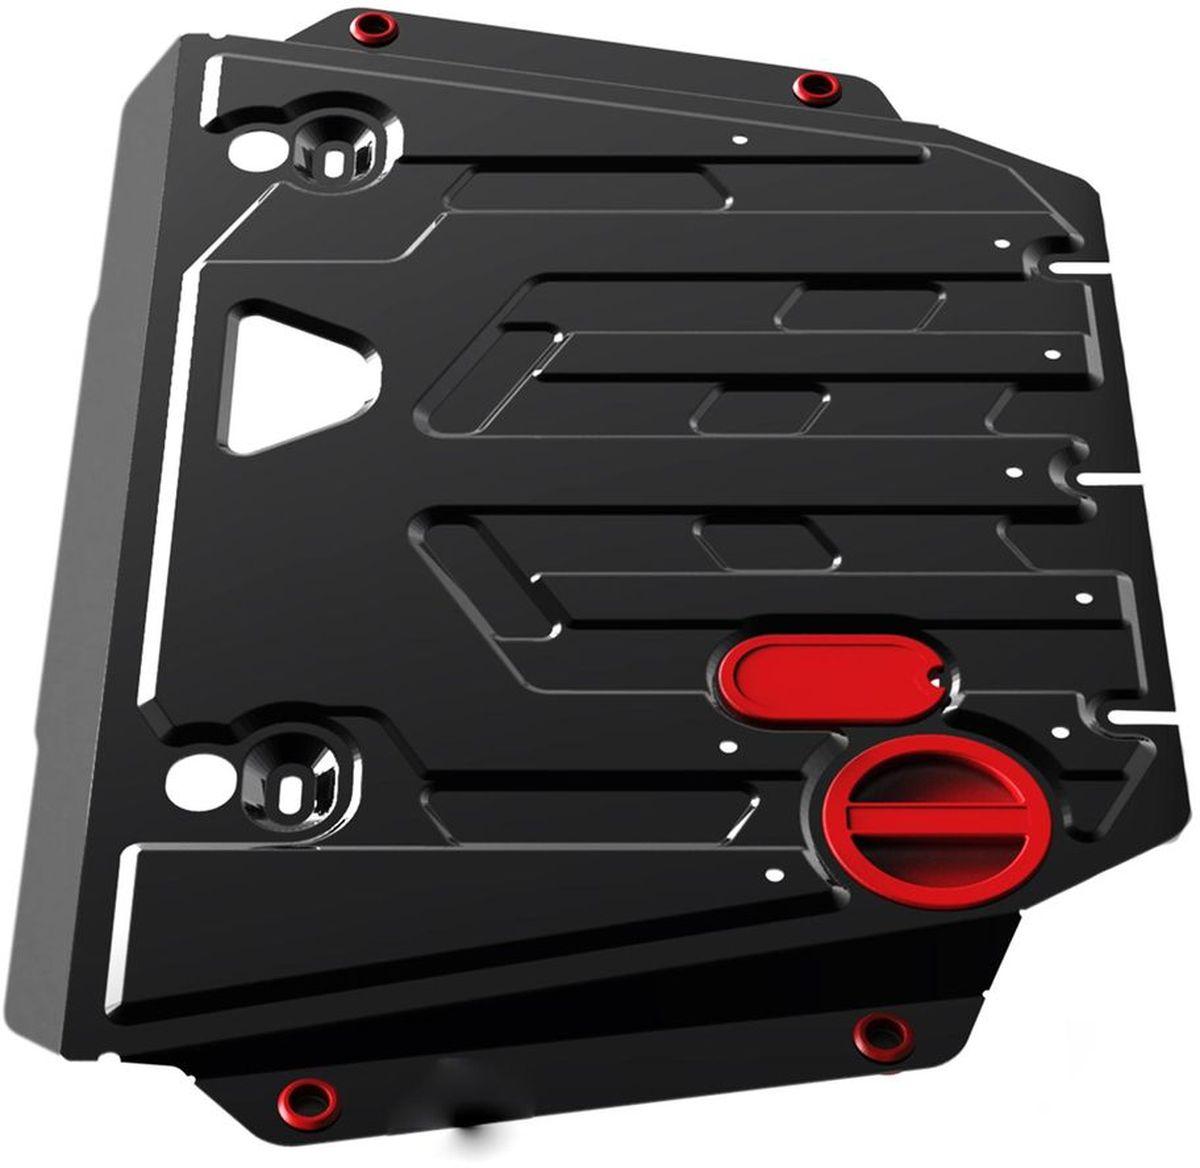 Защита картера и КПП Автоброня, для Kia Soul V - 1,6 (2009-2014)111.02806.2Технологически совершенный продукт за невысокую стоимость. Защита разработана с учетом особенностей днища автомобиля, что позволяет сохранить дорожный просвет с минимальным изменением. Защита устанавливается в штатные места кузова автомобиля. Глубокий штамп обеспечивает до двух раз больше жесткости в сравнении с обычной защитой той же толщины. Проштампованные ребра жесткости препятствуют деформации защиты при ударах. Тепловой зазор и вентиляционные отверстия обеспечивают сохранение температурного режима двигателя в норме. Скрытый крепеж предотвращает срыв крепежных элементов при наезде на препятствие. Шумопоглощающие резиновые элементы обеспечивают комфортную езду без вибраций и скрежета металла, а съемные лючки для слива масла и замены фильтра - экономию средств и время. Конструкция изделия не влияет на пассивную безопасность автомобиля (при ударе защита не воздействует на деформационные зоны кузова). Со штатным крепежом. В комплекте инструкция по установке....